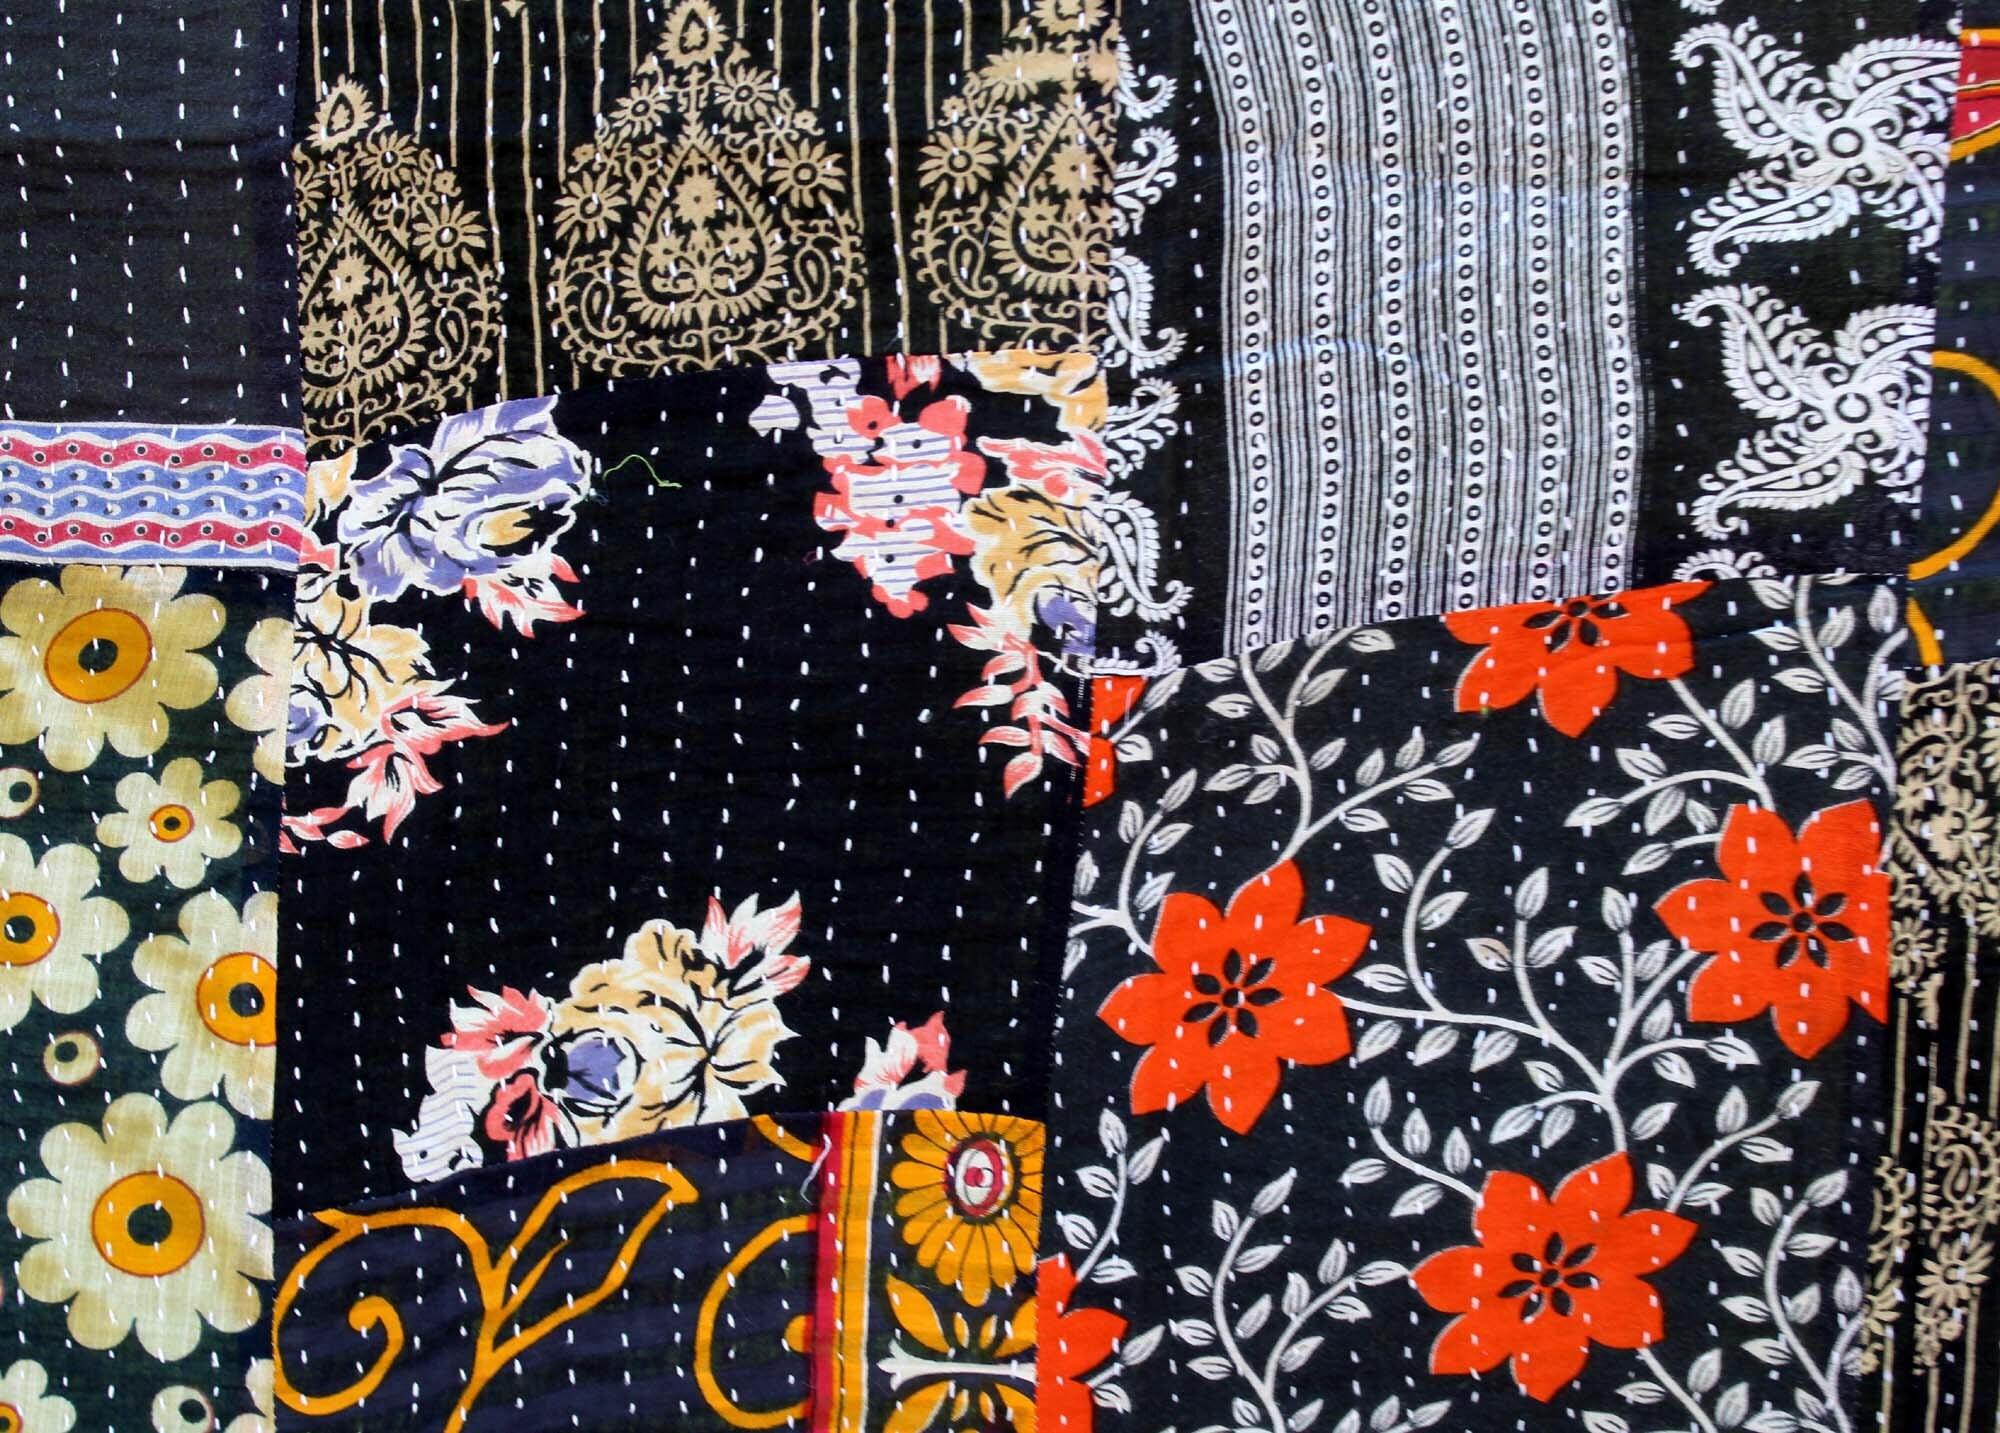 Couverture cousu Kantha jet roi couvre-lit coton Kantha couvre-lit Patchwork Vintage couette noir Kantha fait à la main à la main